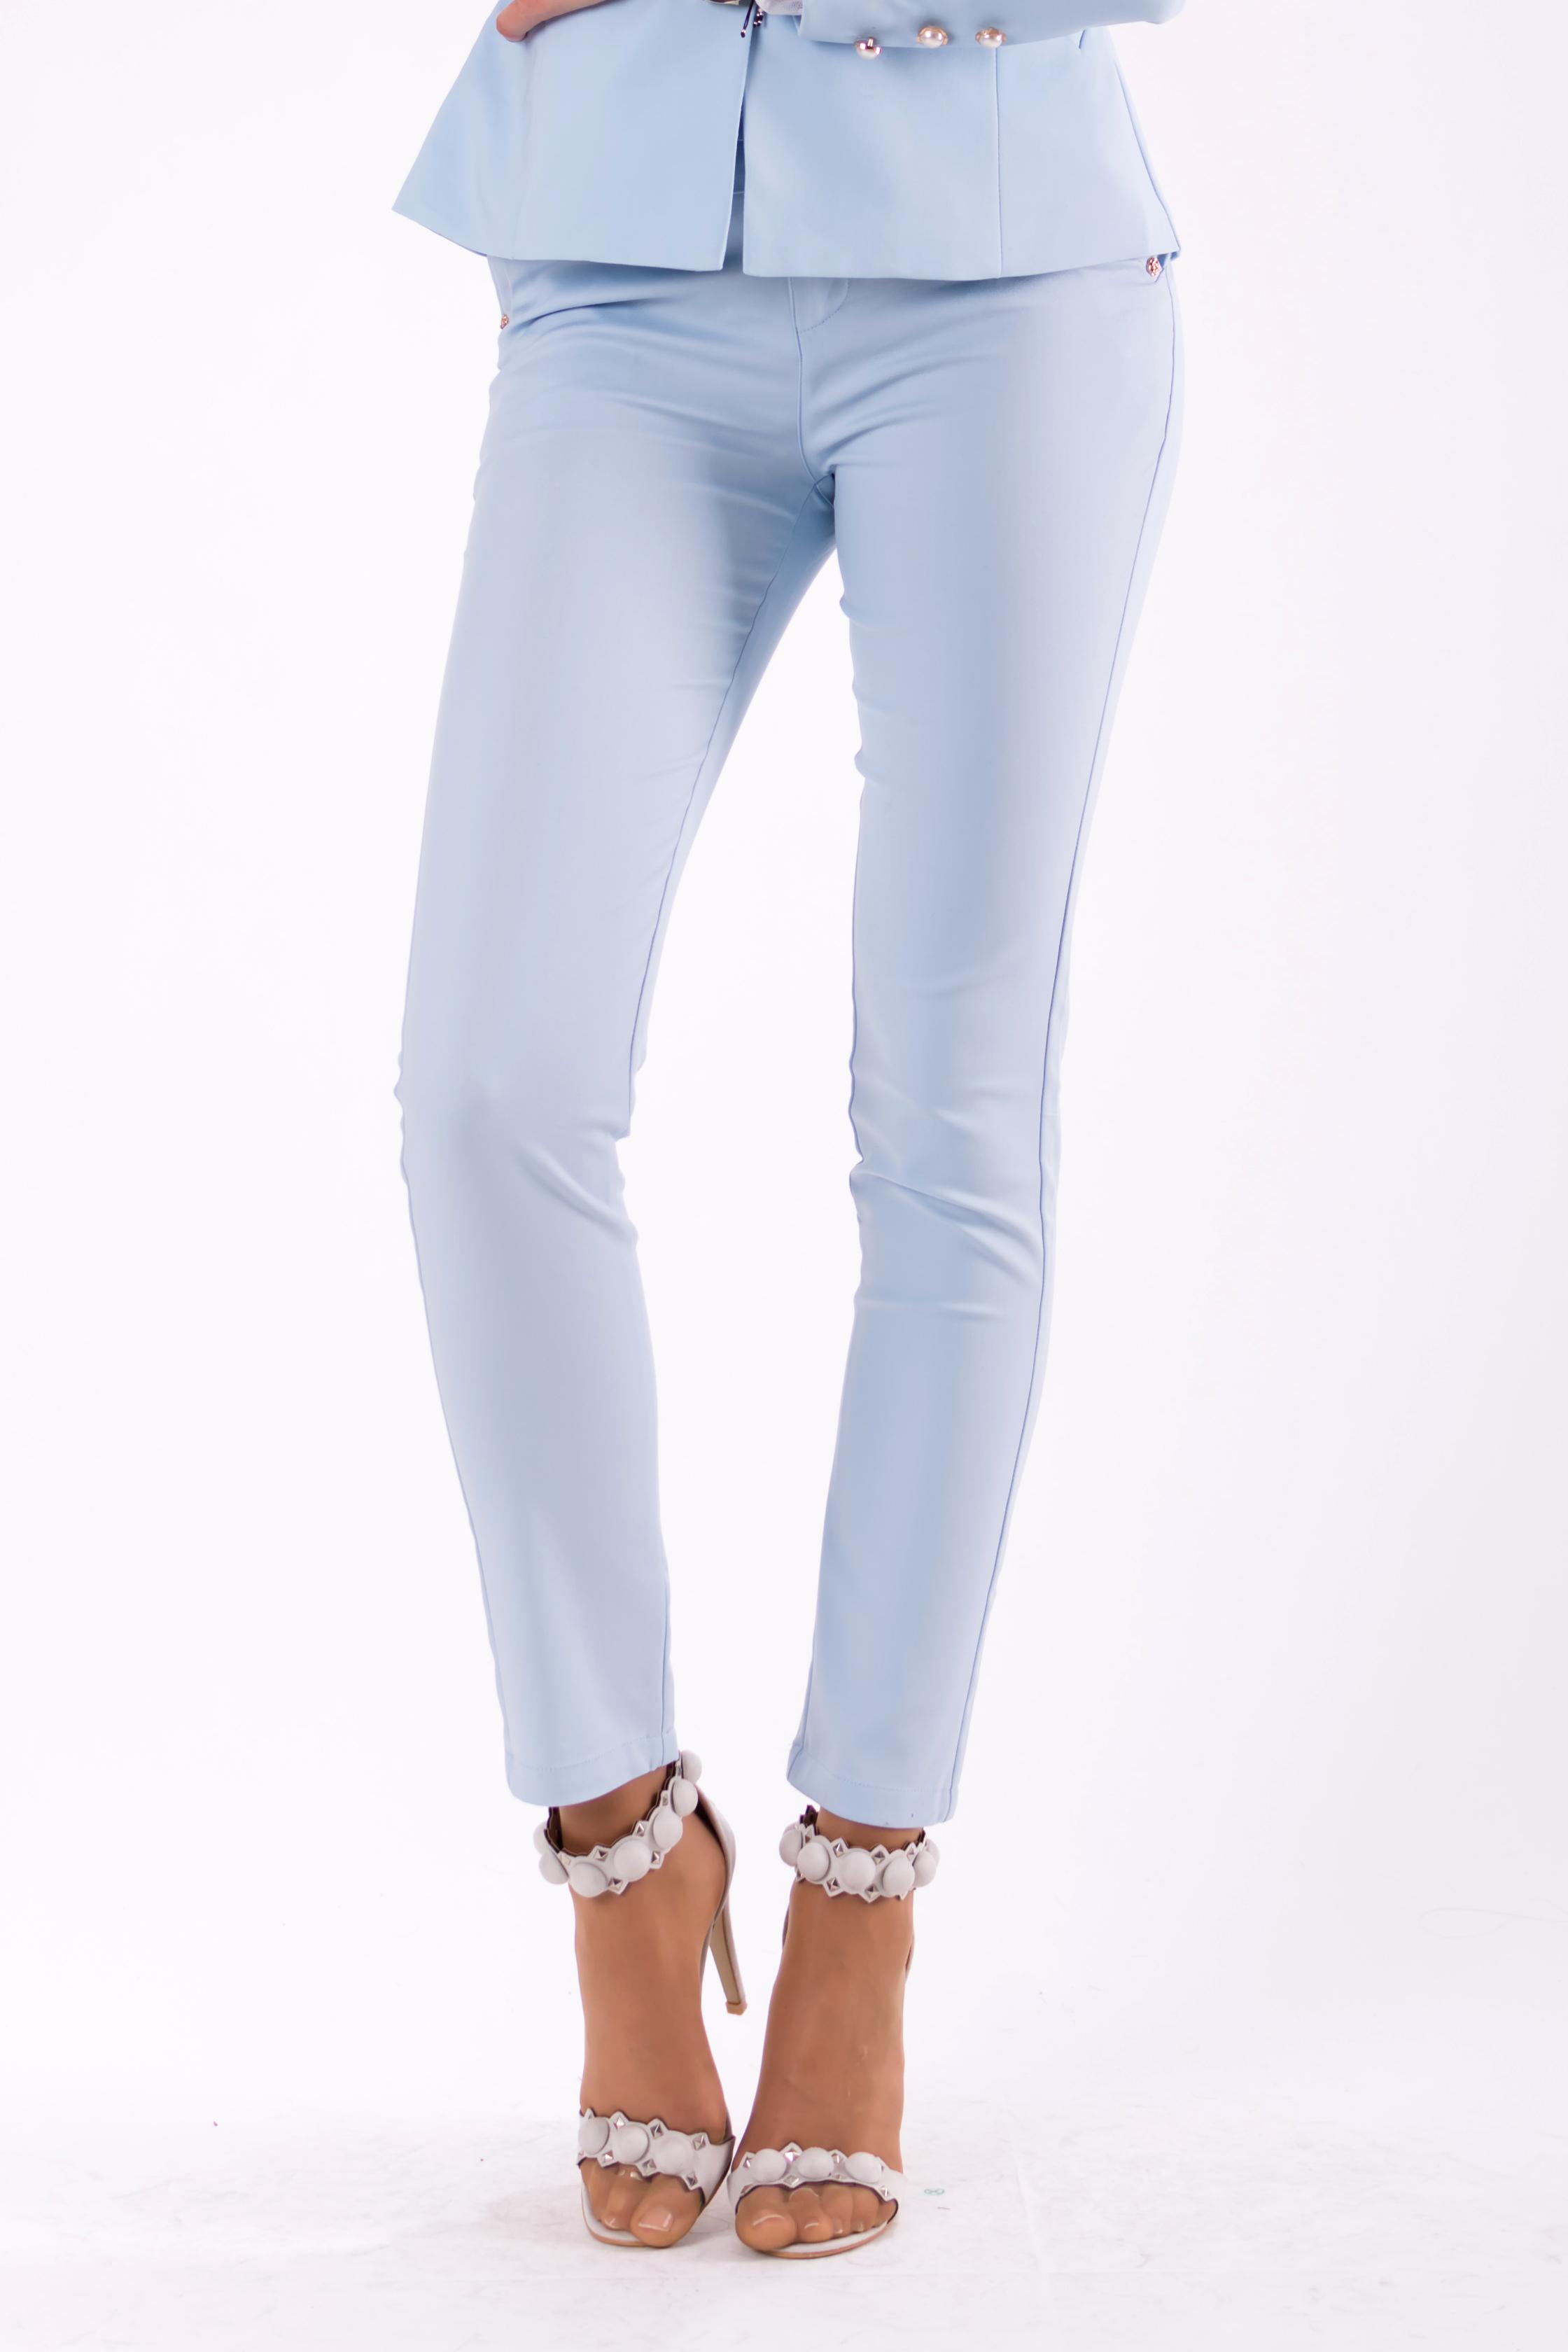 Heledad püksid + vöö